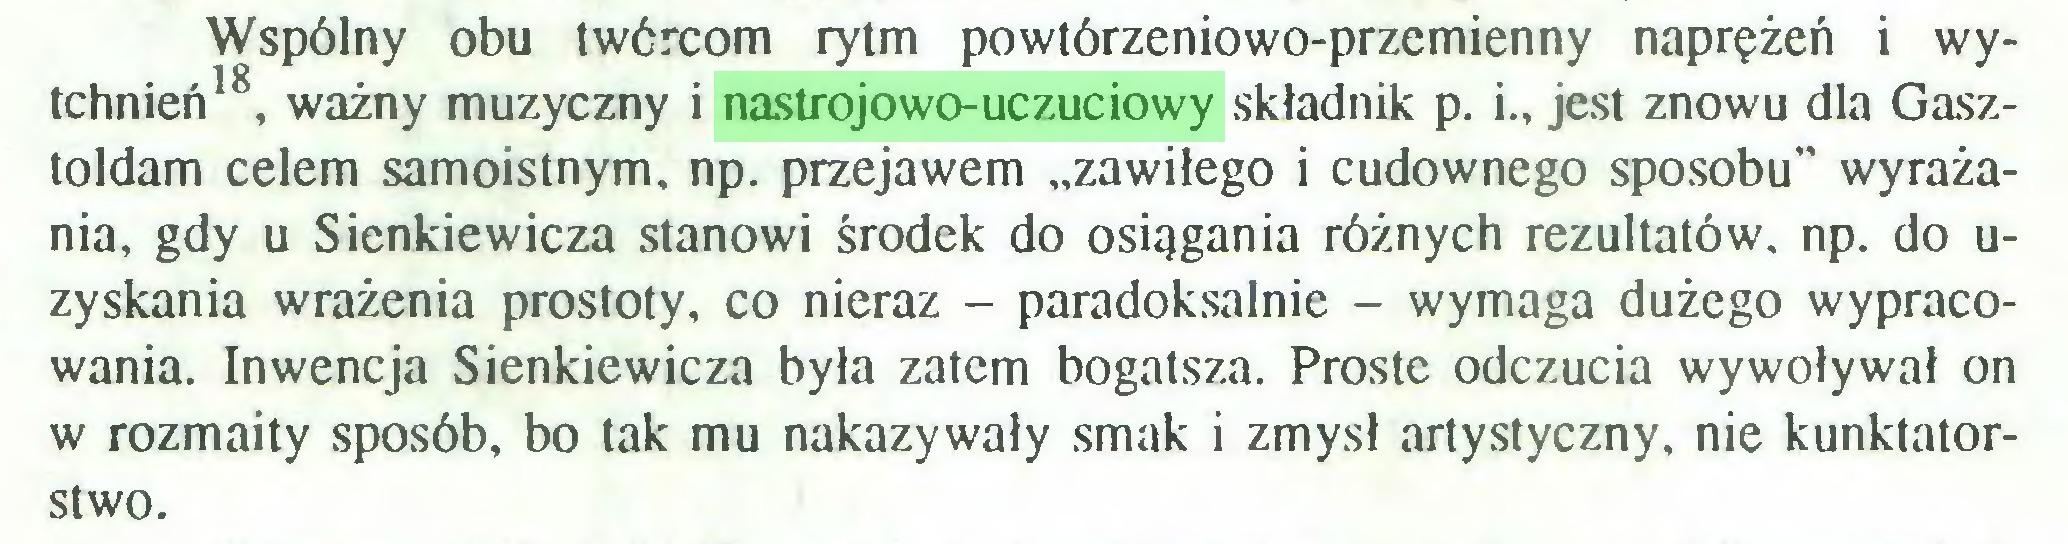 """(...) Wspólny obu twórcom rytm powtórzeniowo-przemienny naprężeń i wytchnień18, ważny muzyczny i nastrojowo-uczuciowy składnik p. i., jest znowu dla Gasztoldam celem samoistnym, np. przejawem """"zawiłego i cudownego sposobu"""" wyrażania, gdy u Sienkiewicza stanowi środek do osiągania różnych rezultatów, np. do uzyskania wrażenia prostoty, co nieraz - paradoksalnie - wymaga dużego wypracowania. Inwencja Sienkiewicza była zatem bogatsza. Proste odczucia wywoływał on w rozmaity sposób, bo tak mu nakazywały smak i zmysł artystyczny, nie kunktatorstwo..."""